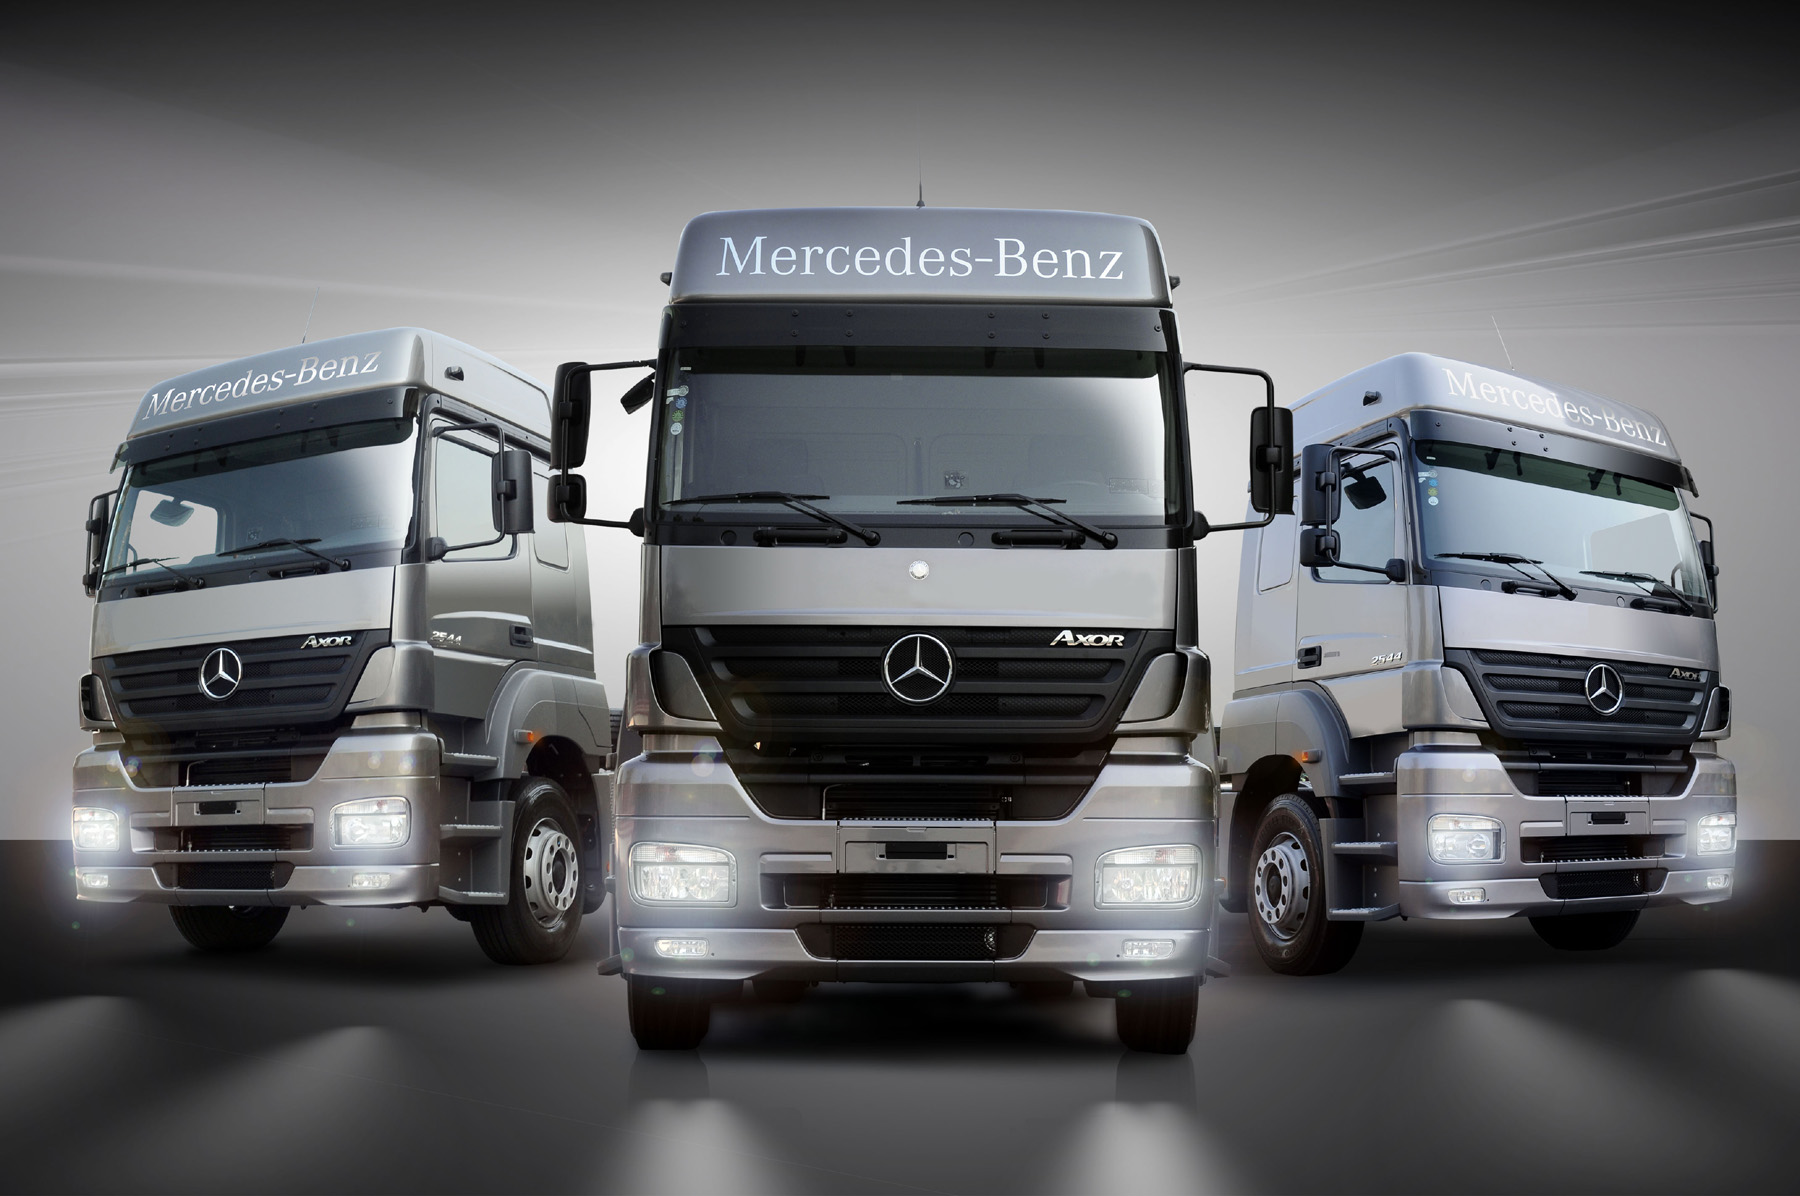 Daimler - Caminhões Mercedes Benz